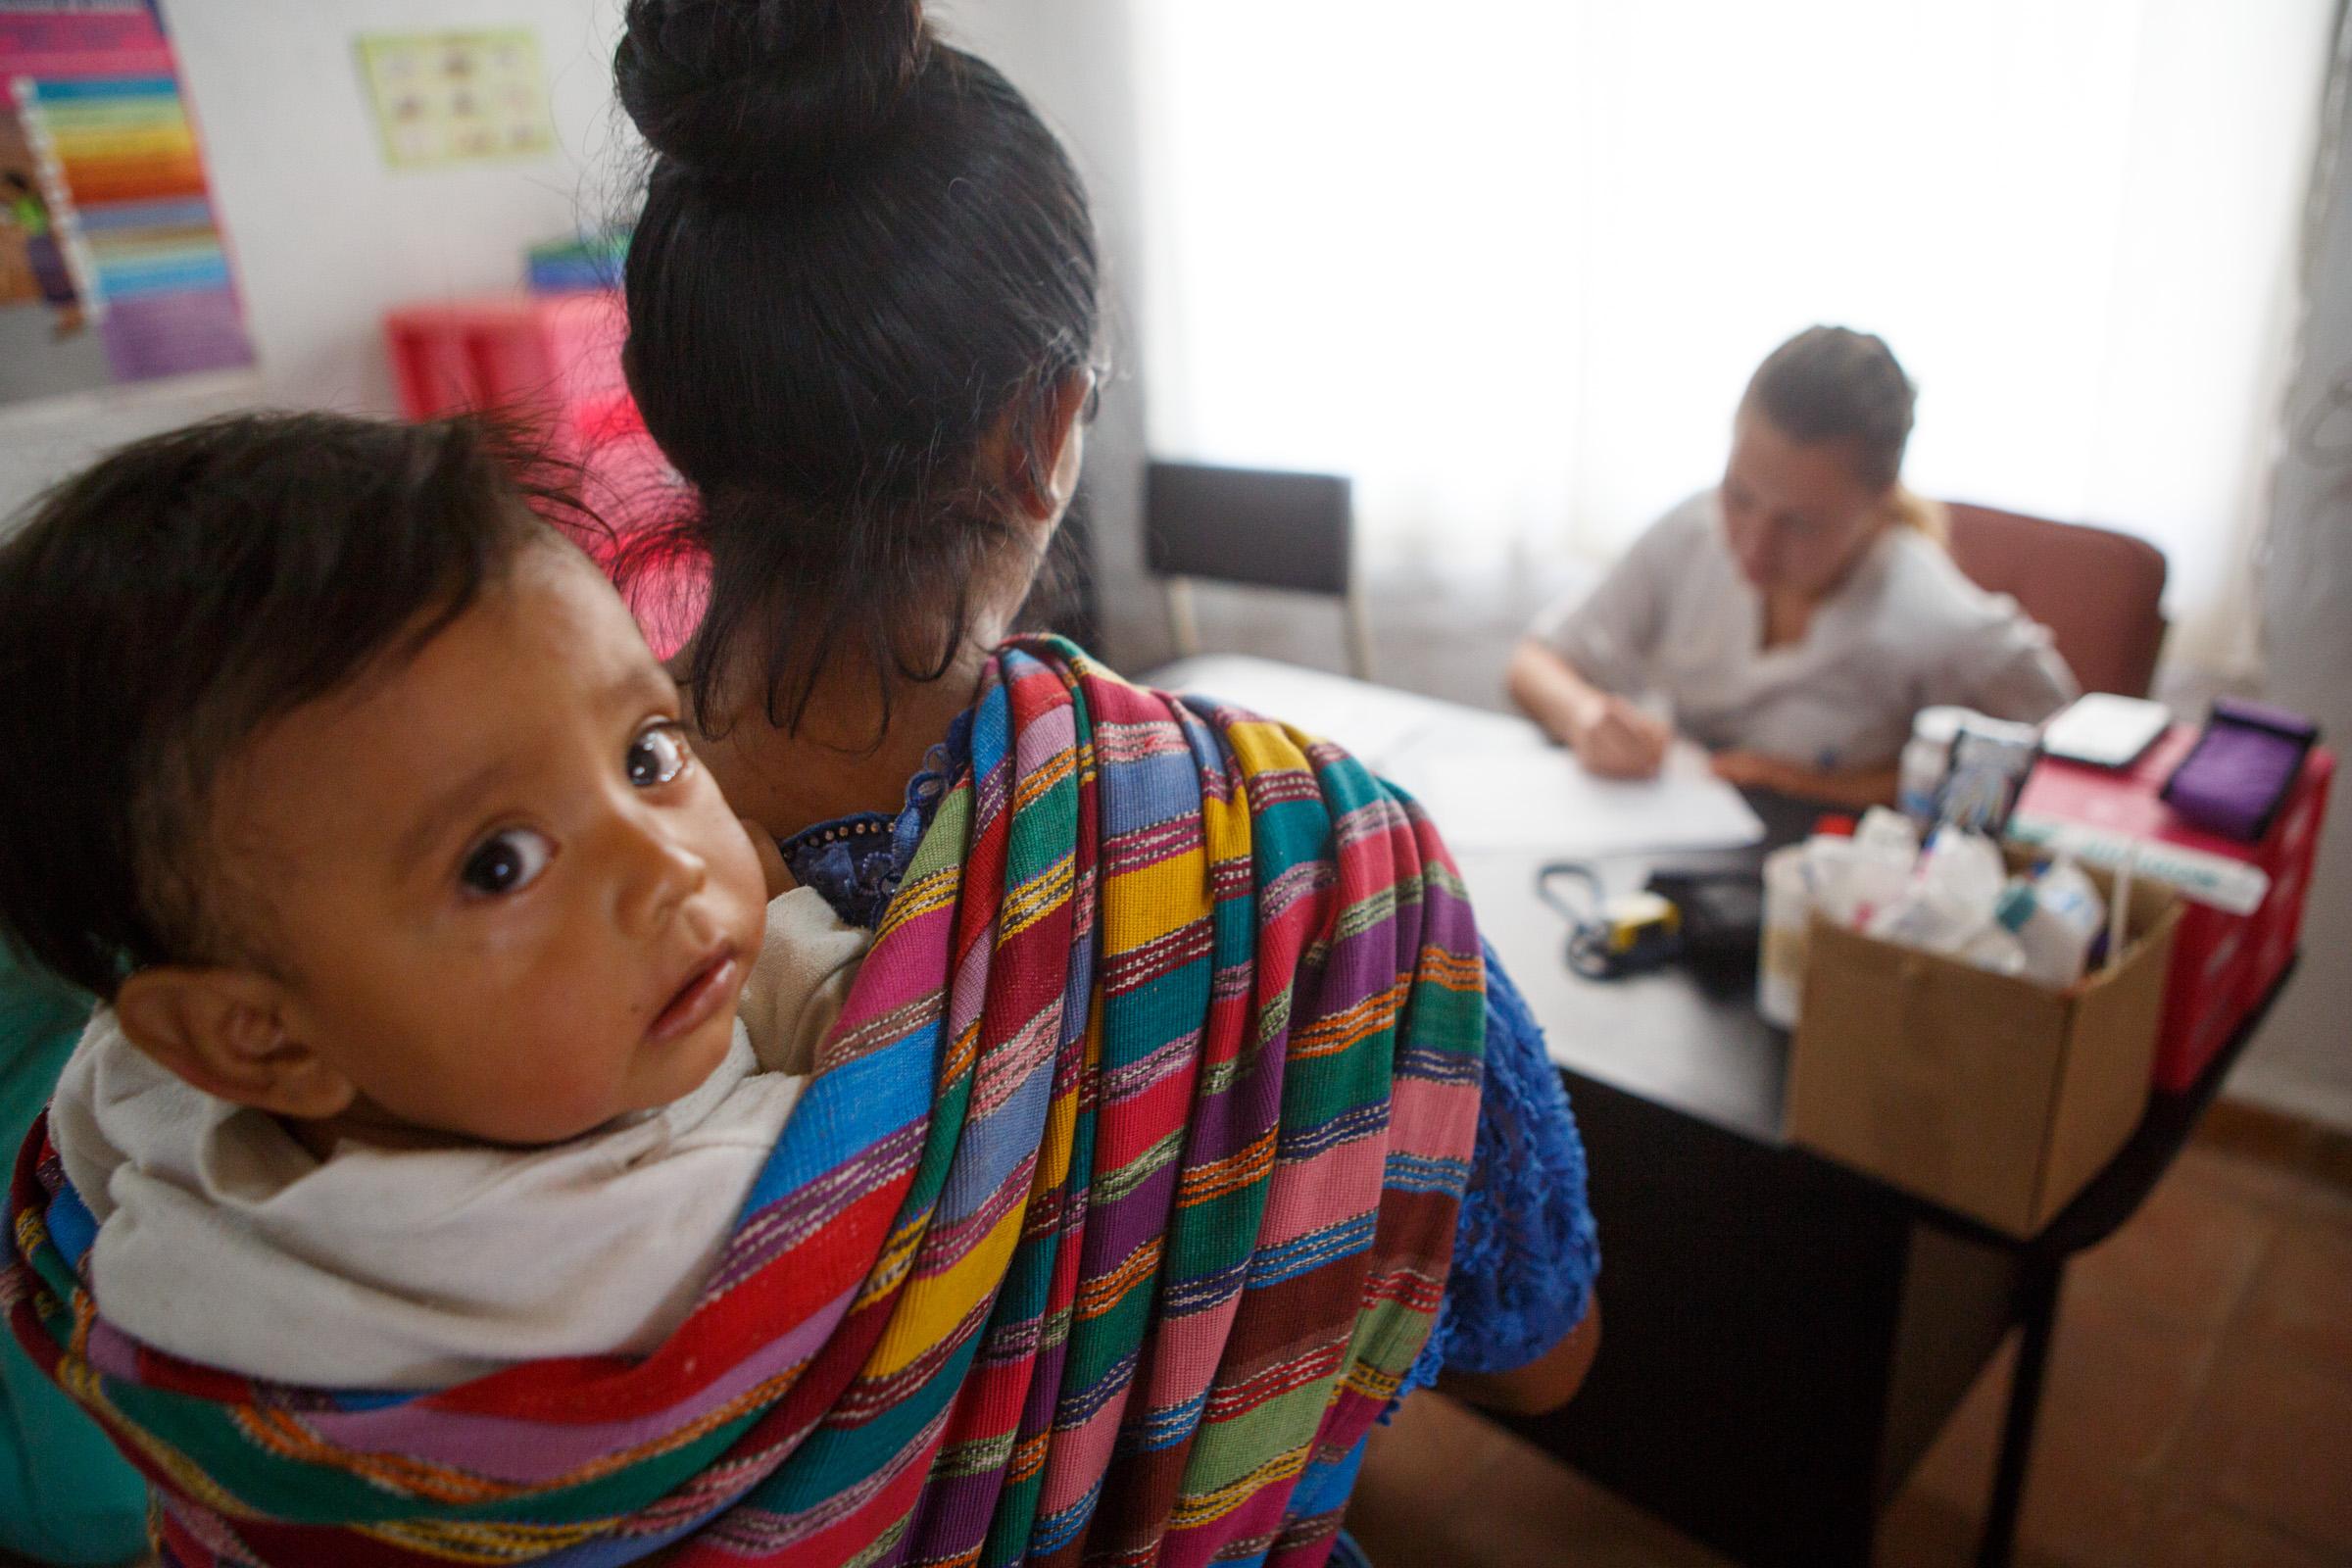 Doações, de dinheiro a comida, ajudaram a concretizar sonho de clínica